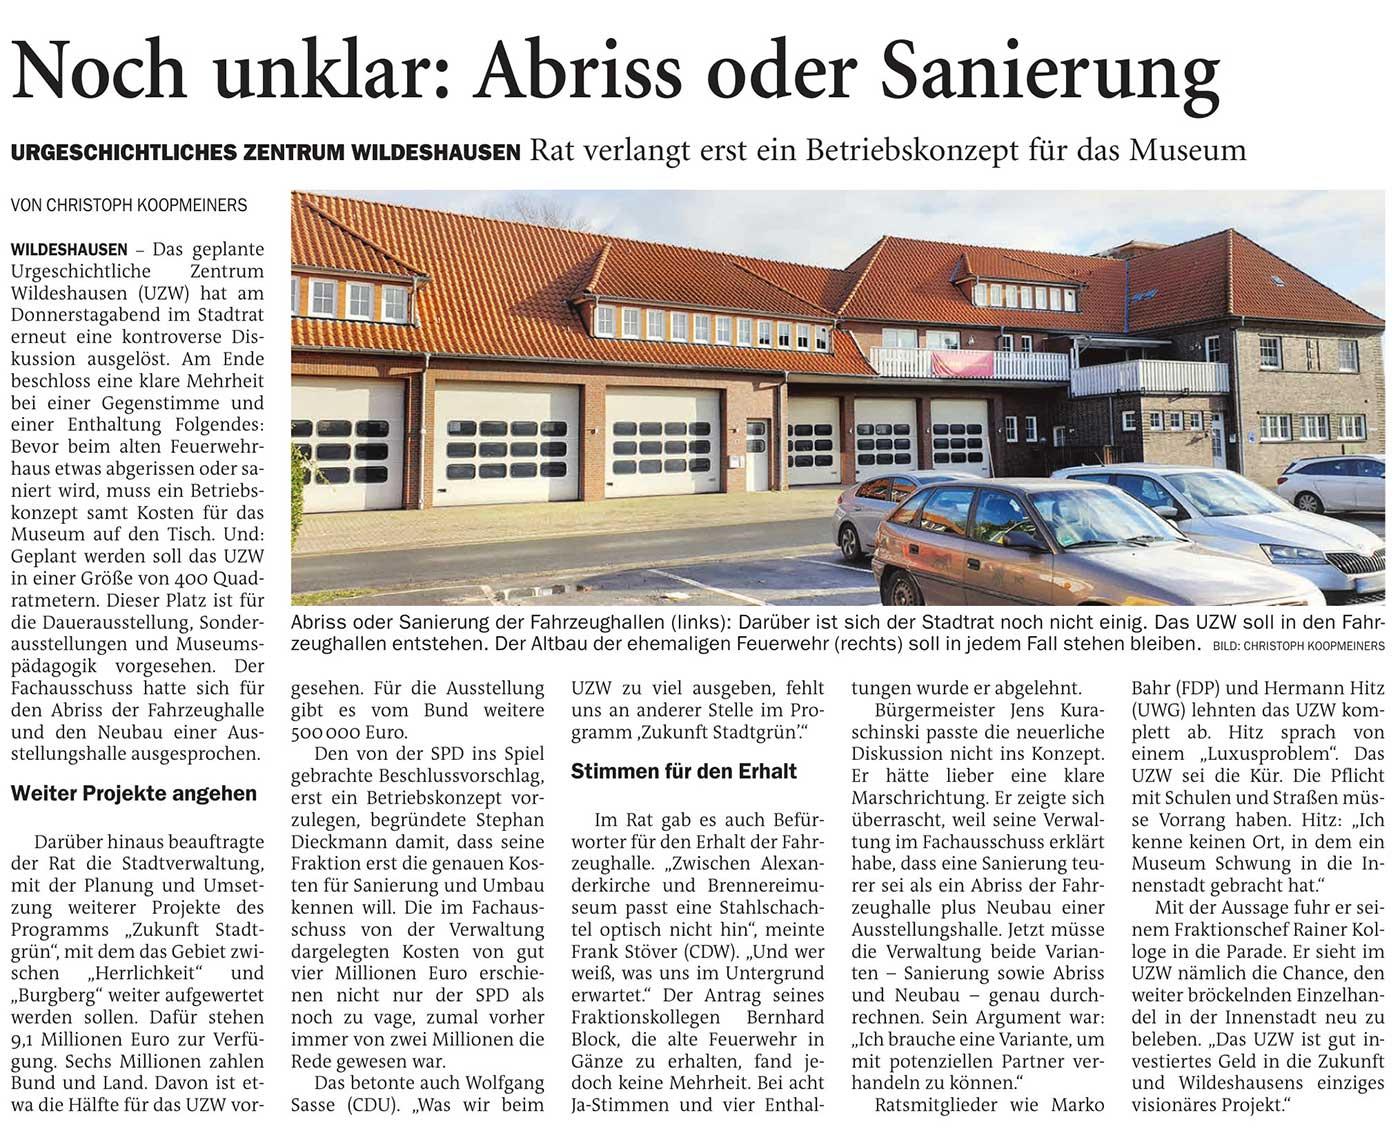 Noch unklar: Abriss oder SanierungUrgeschichtliches Zentrum Wildeshausen: Rat verlangt erst ein Betriebskonzept für das MuseumArtikel vom 12.12.2020 (NWZ)